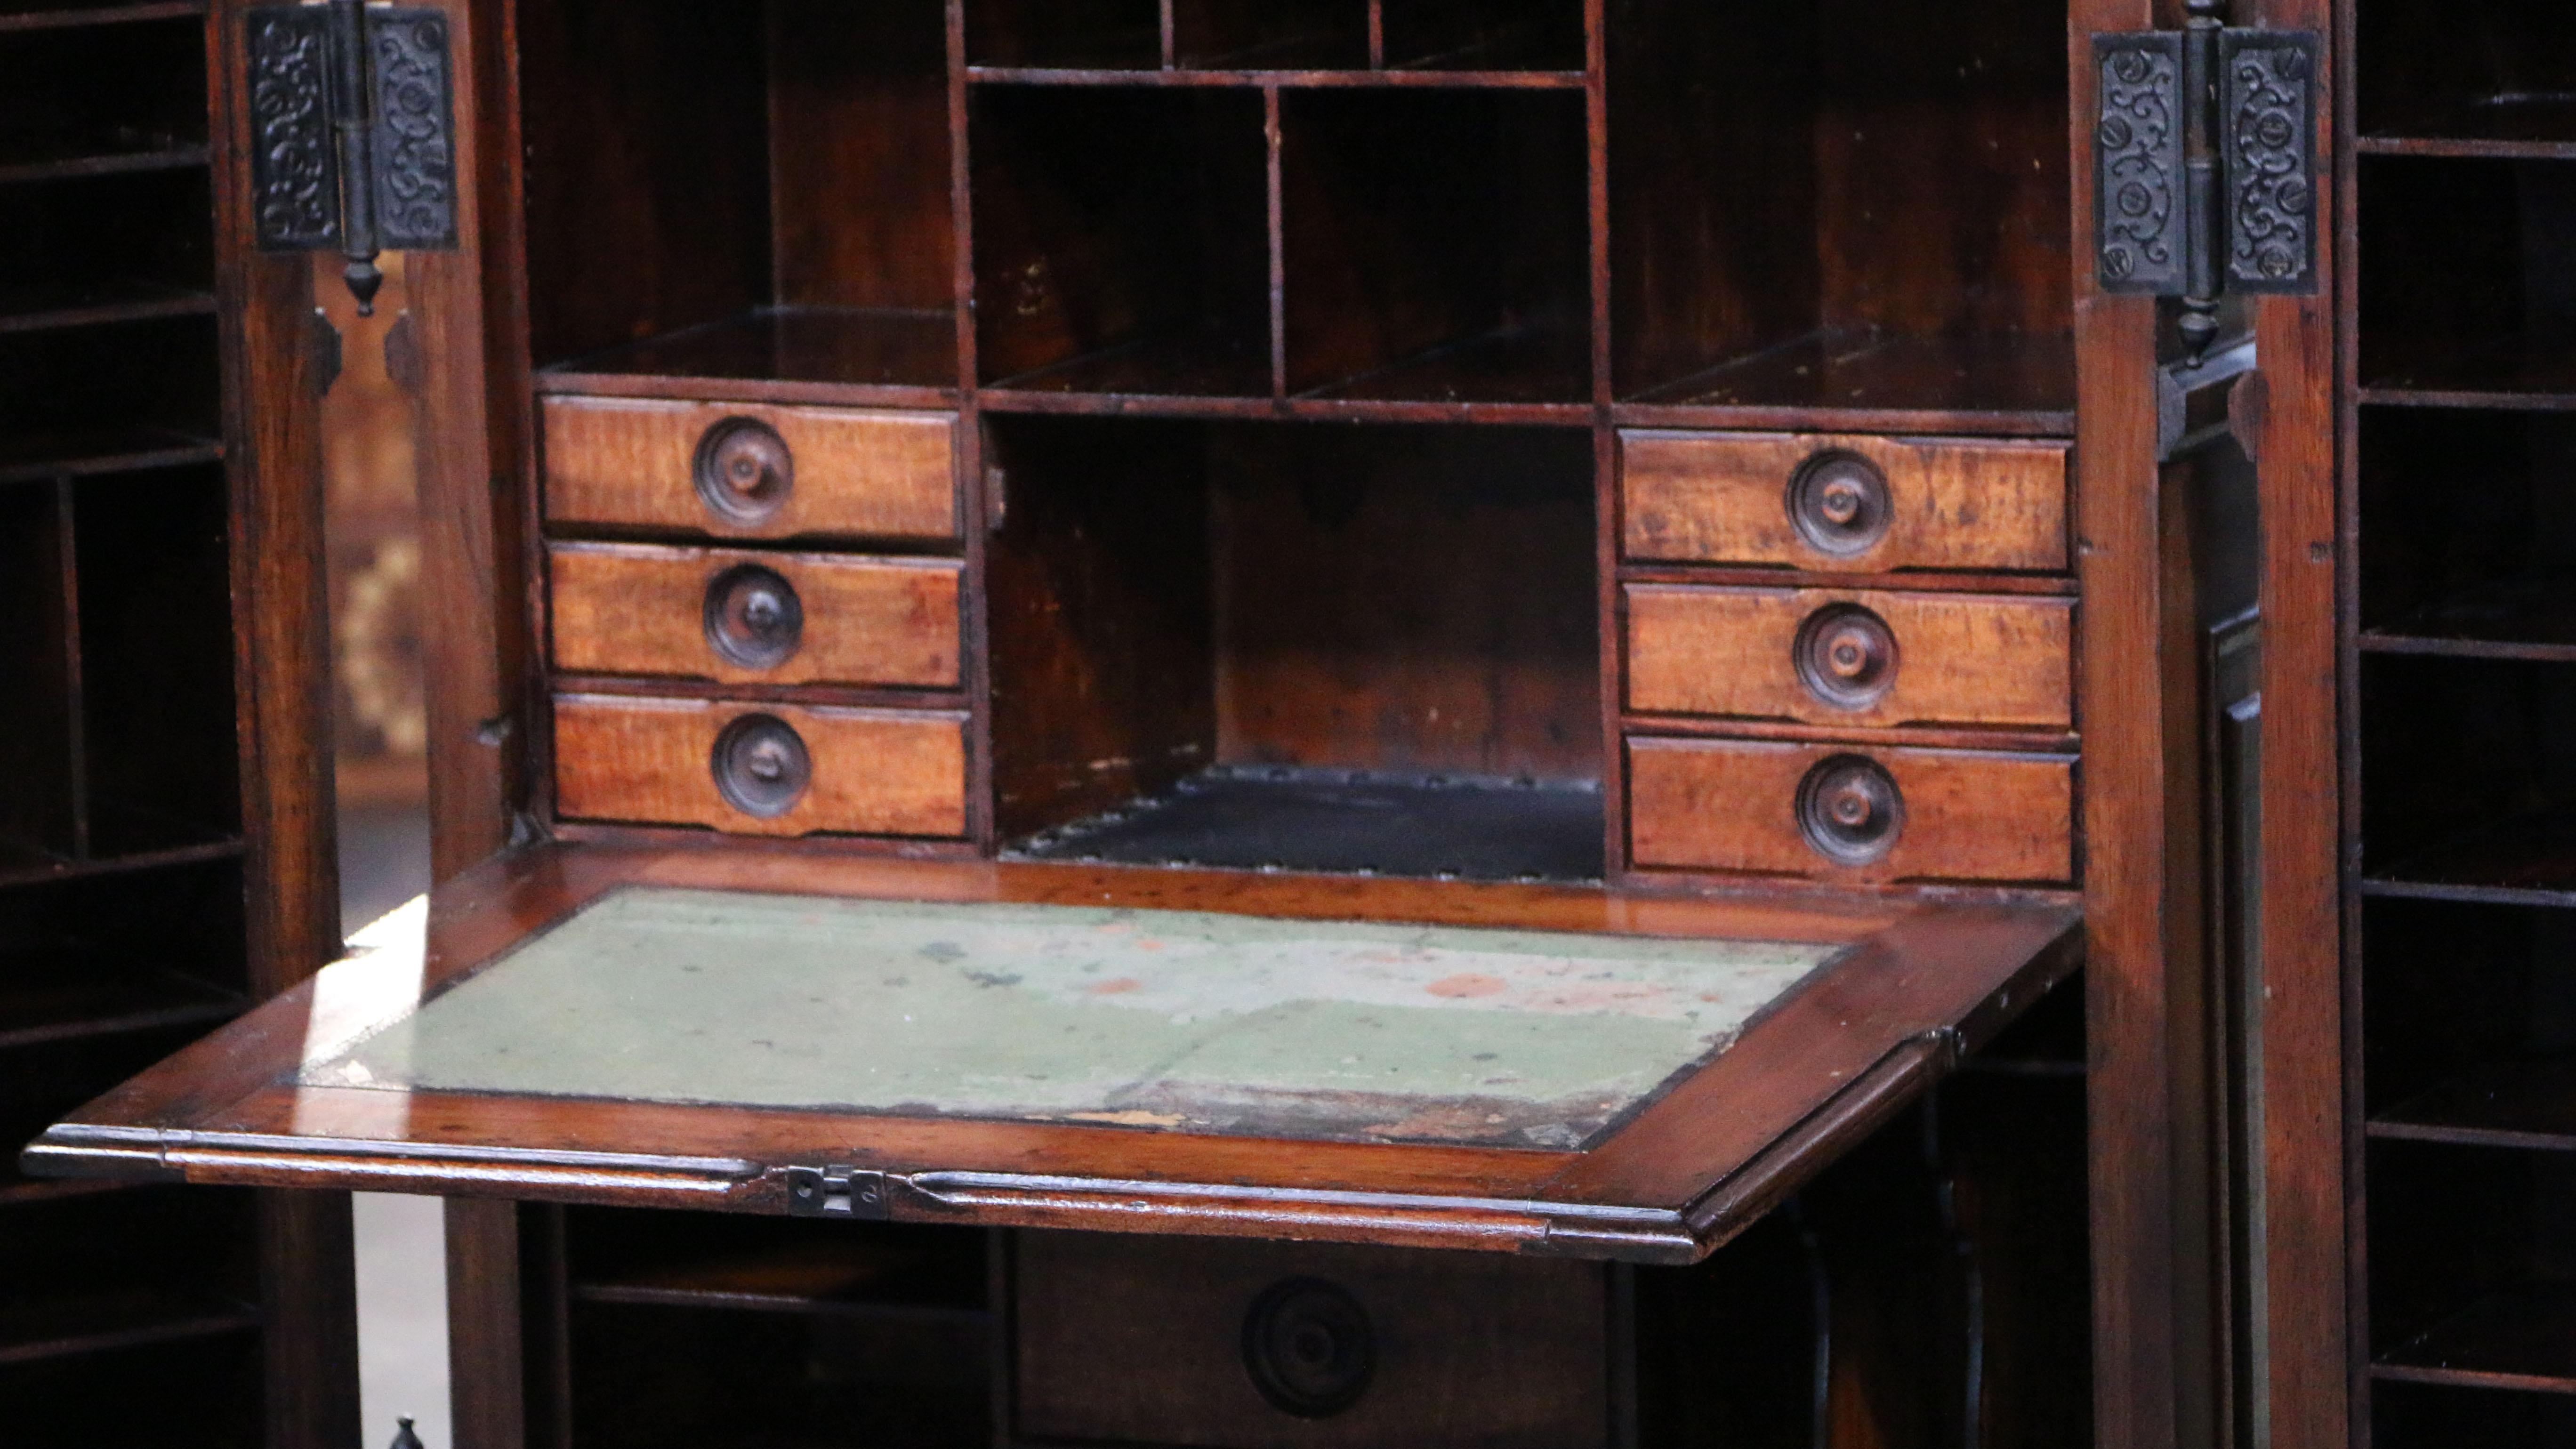 Appraisal: Lady's Wooton Desk, ca. 1885